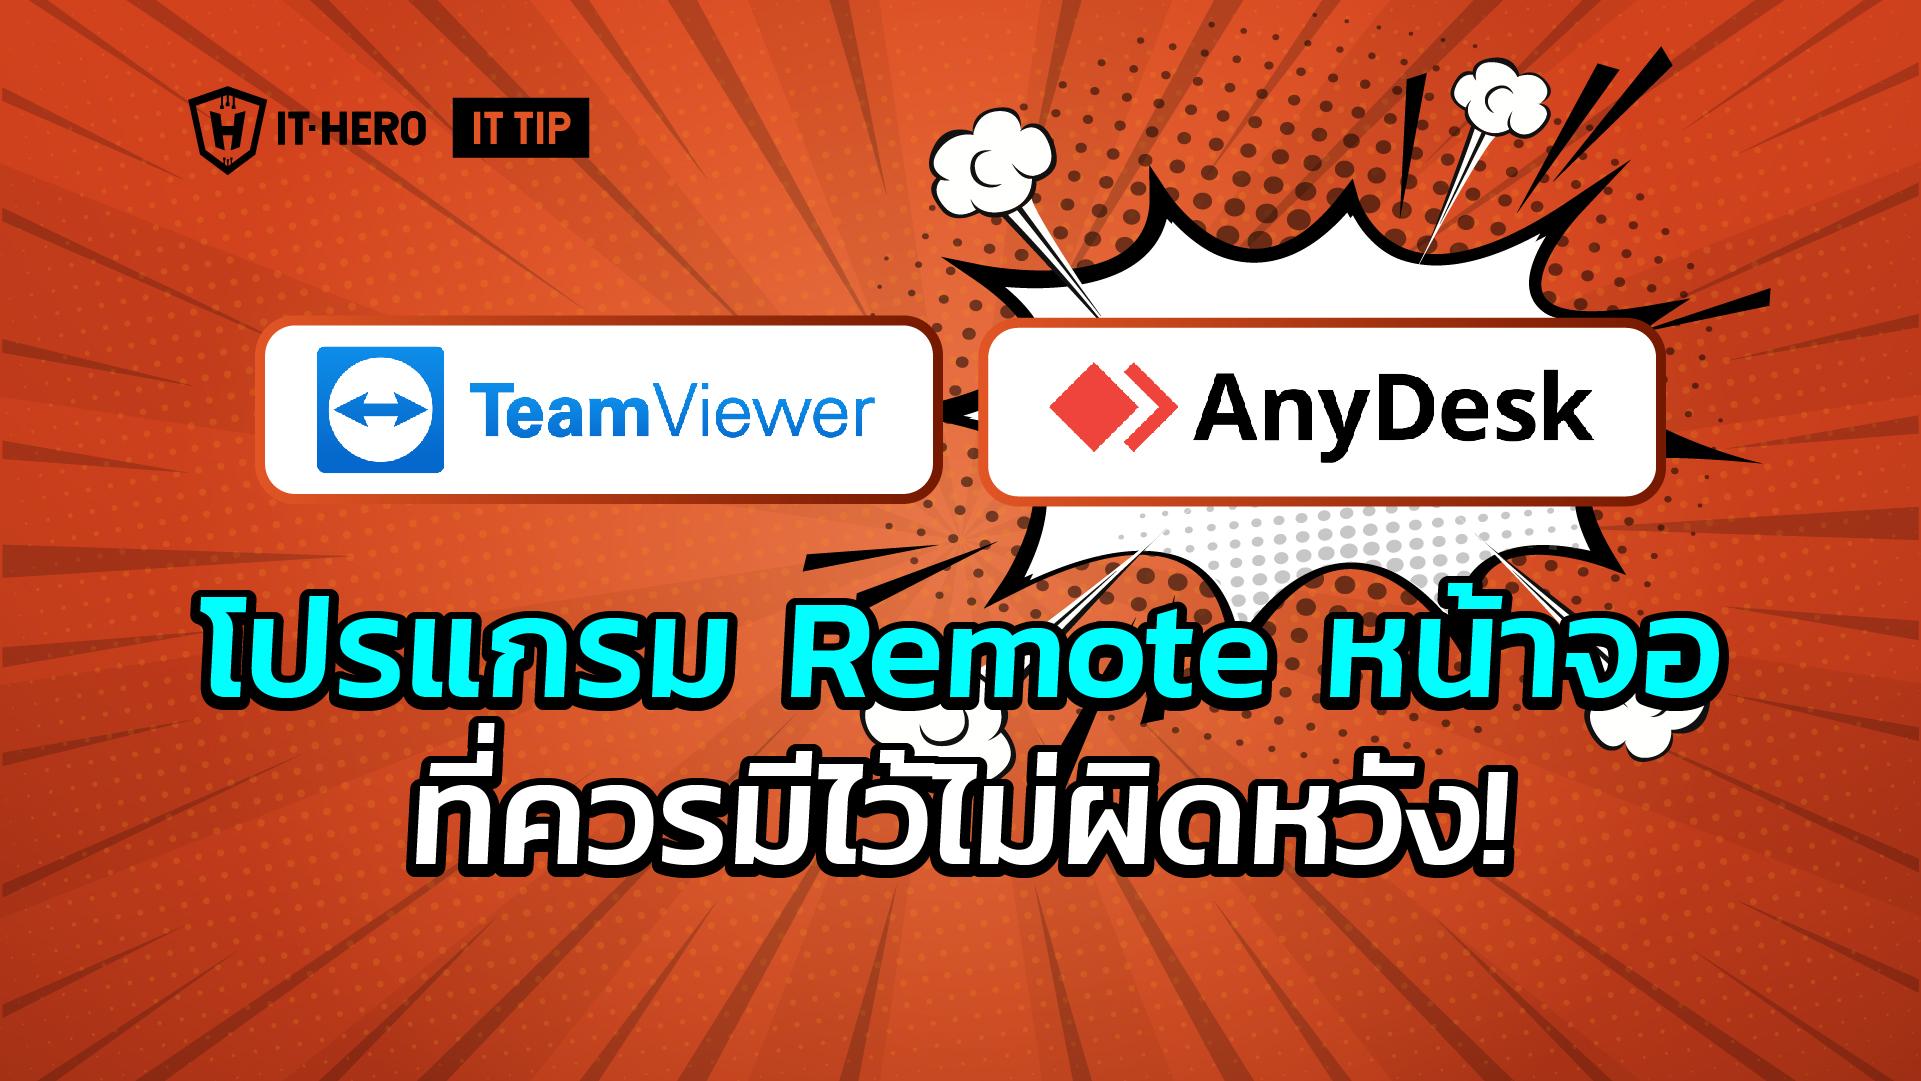 โปรแกรม Remote Desktop ที่ควรมีติดไว้ เพื่อให้ช่วยเหลือ (Team Viewer, AnyDesk, Windows assistance)